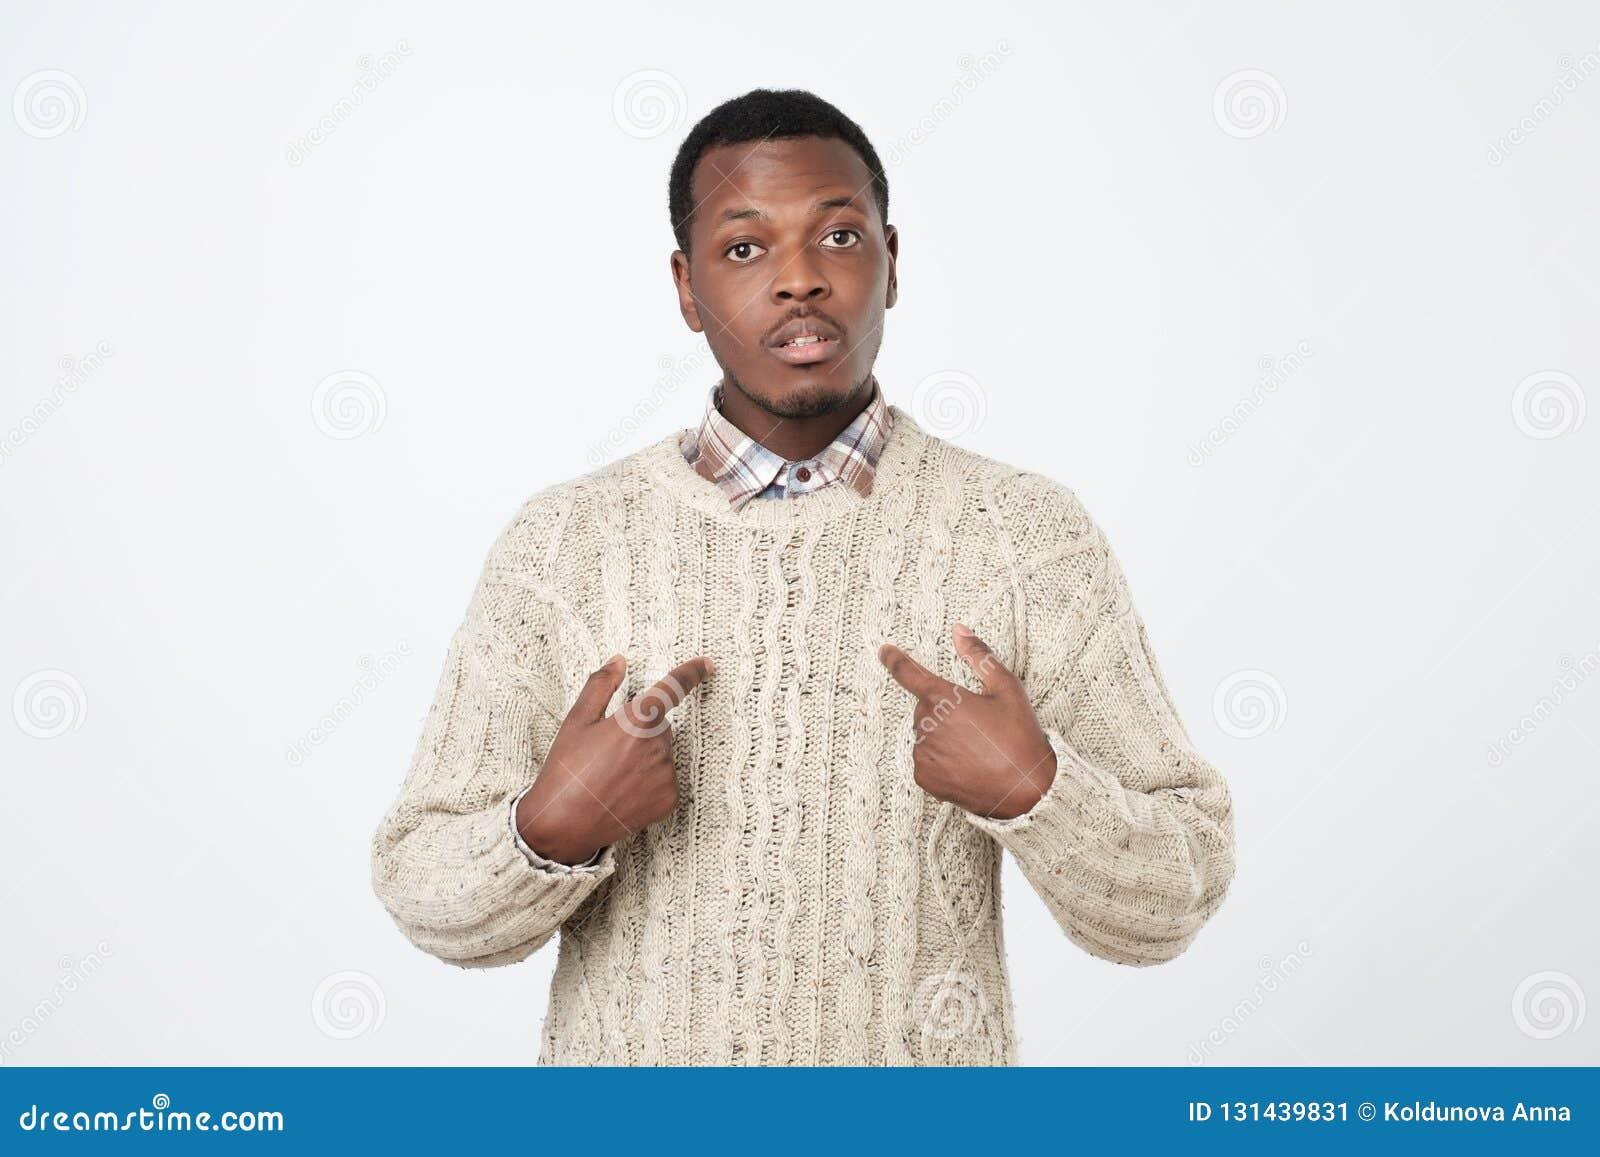 Junger afrikanischer Mann, der auf, die Entschuldigungen oder mündlich verteidigen machend zeigt, nachdem sie sie verdutzt hatten